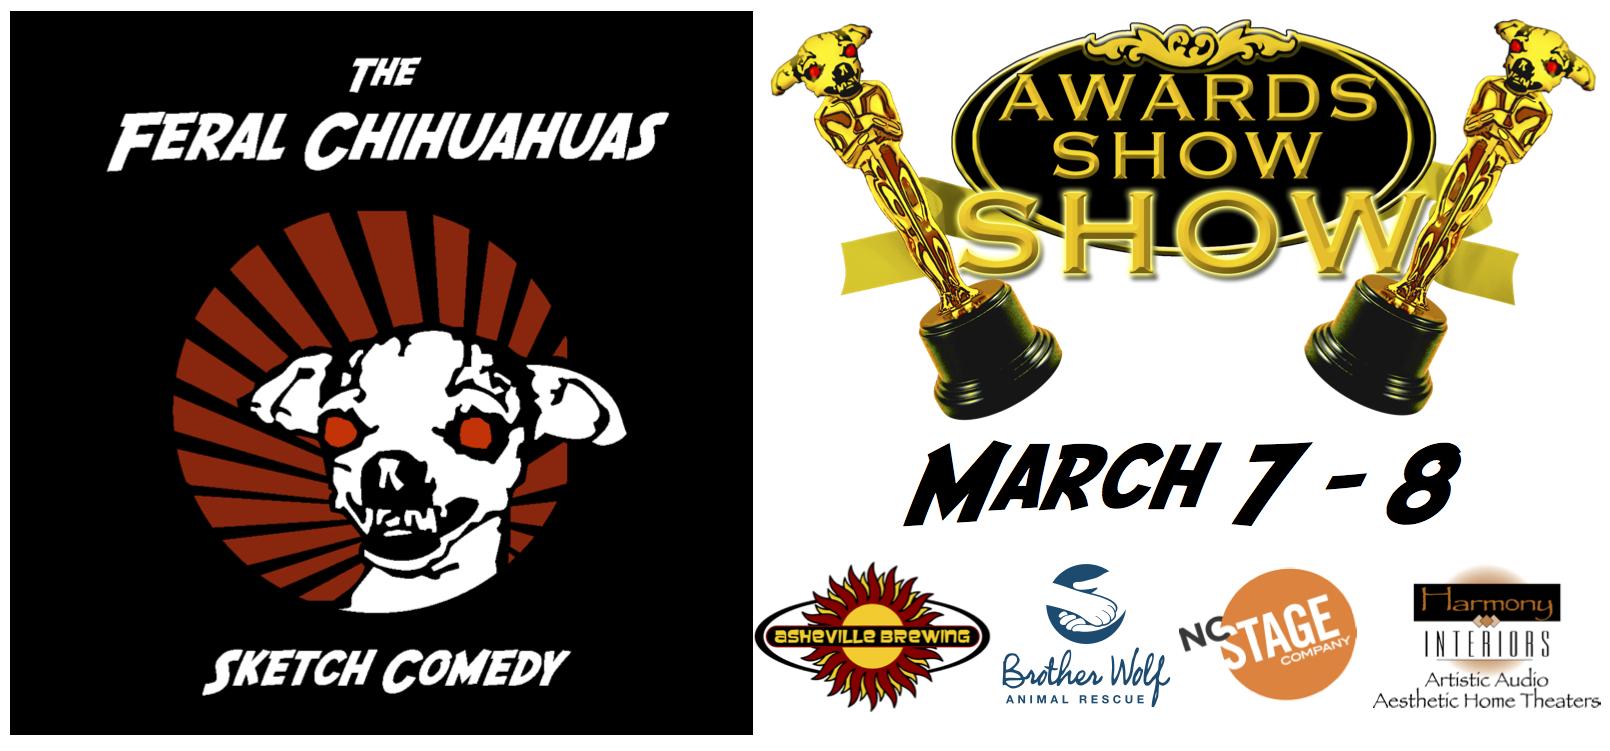 ashvegas-Feral Chihuahuas awards show